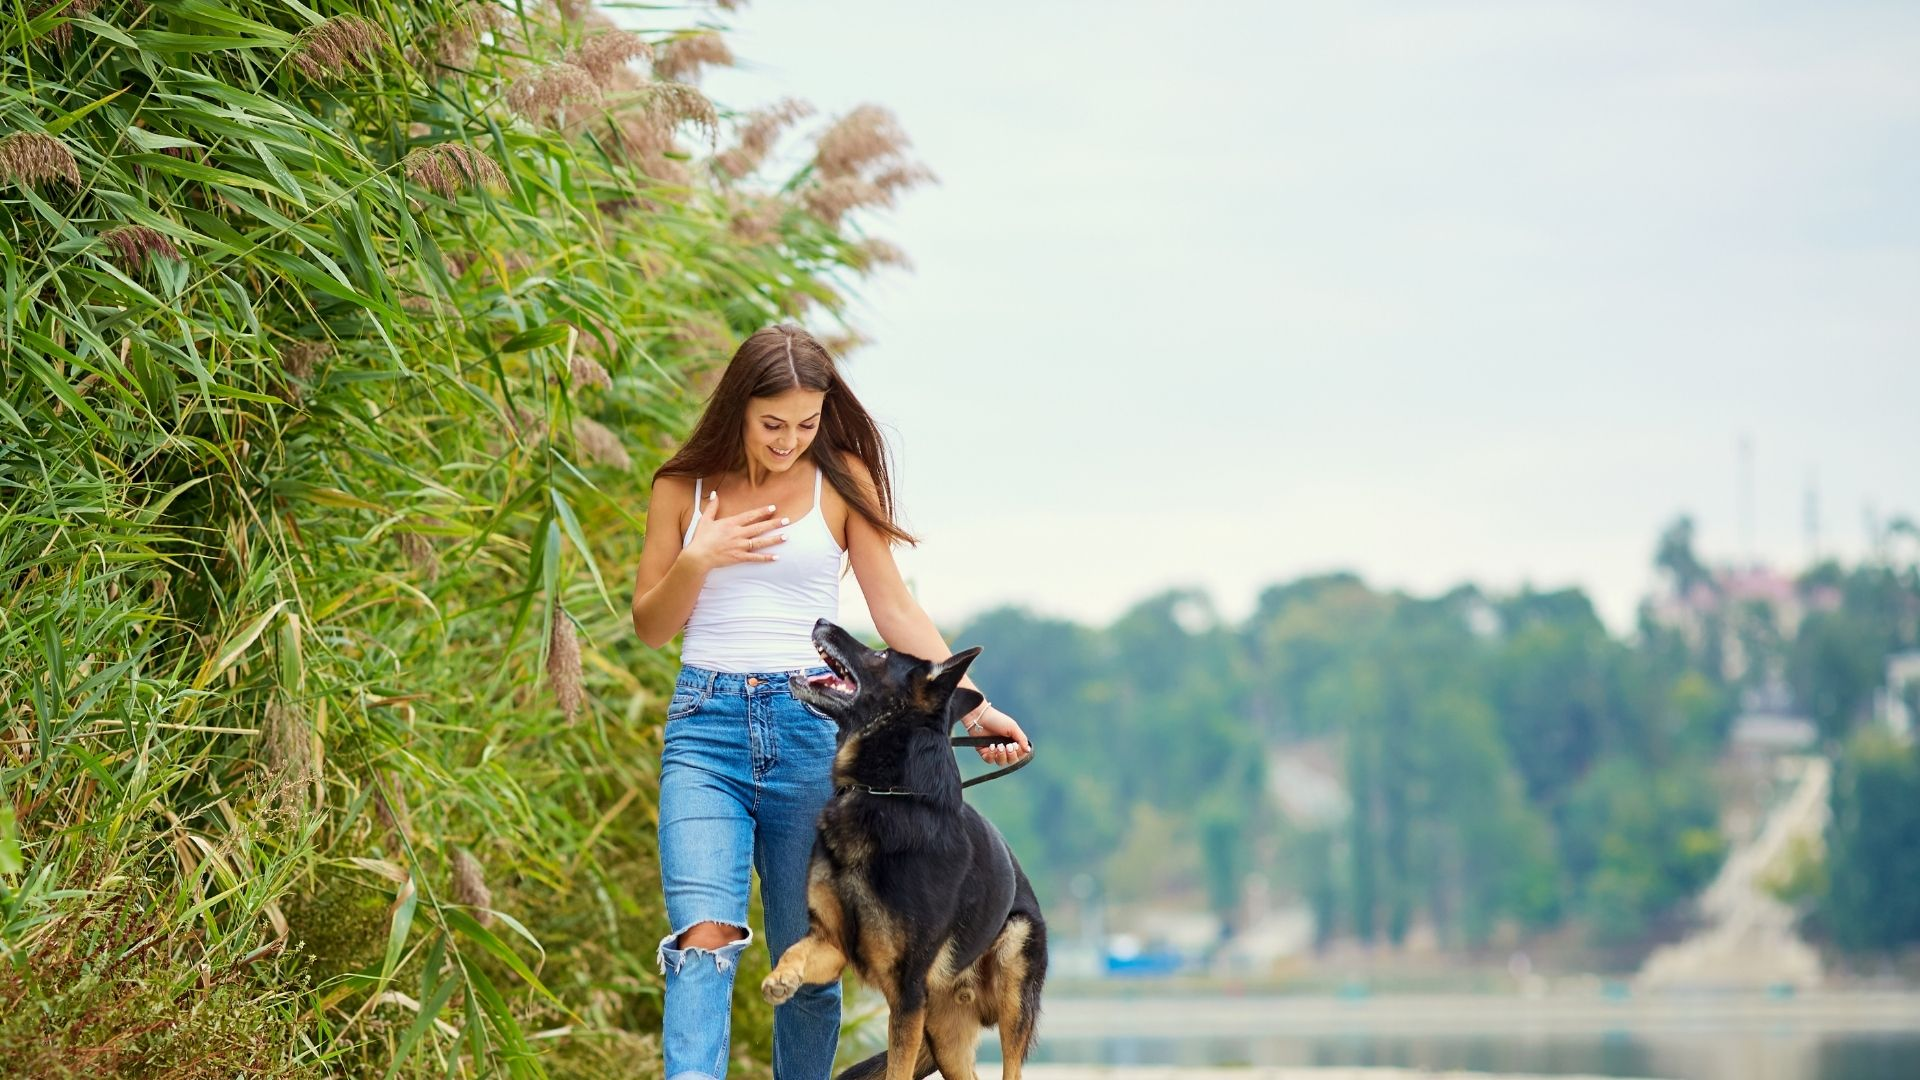 Właścicielka z psem na spacerze